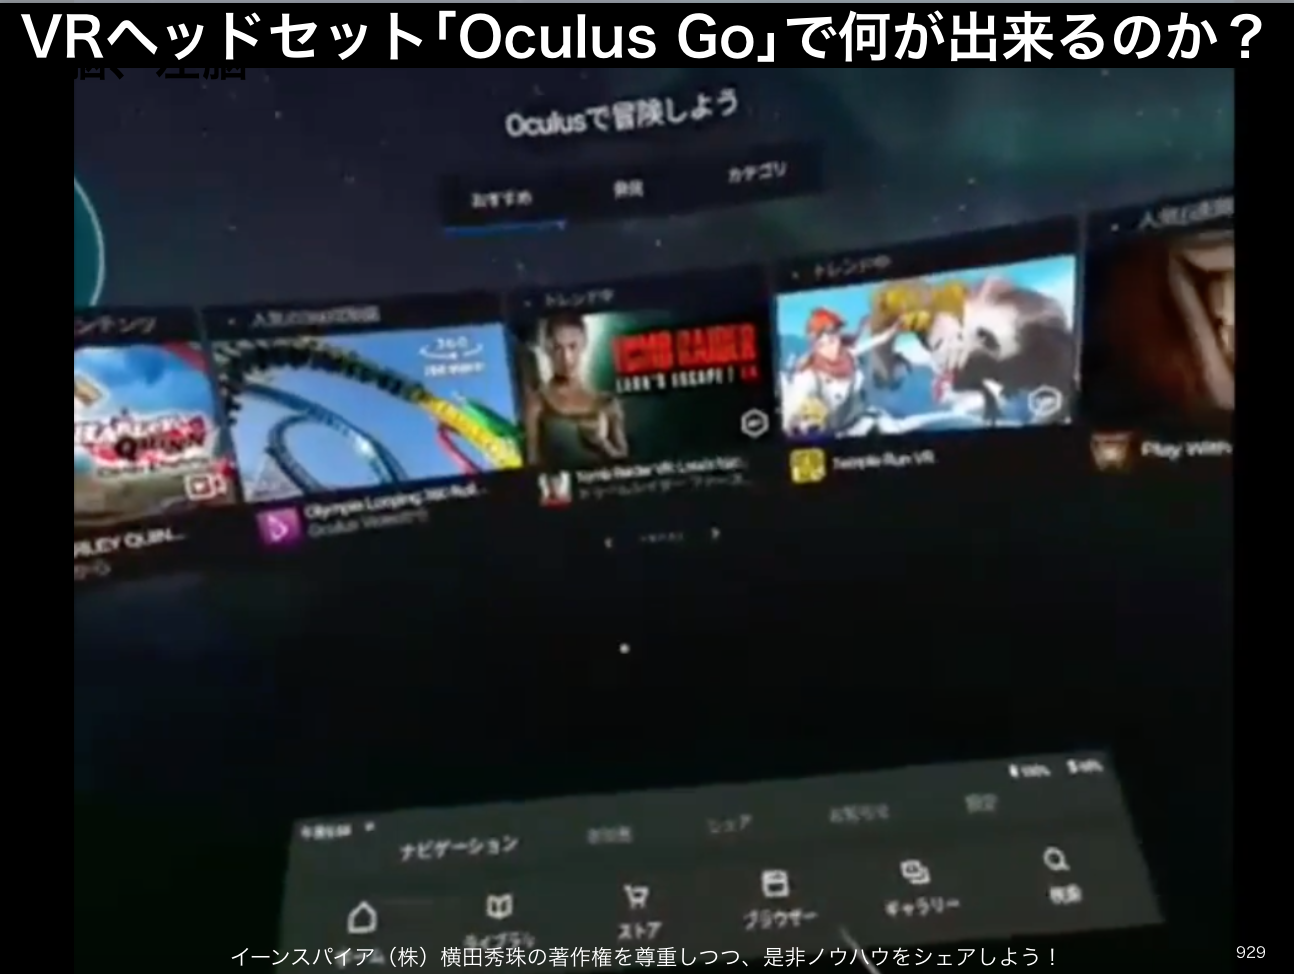 Oculus Go(オキュラス ゴー)の画面を実際に見せながら解説